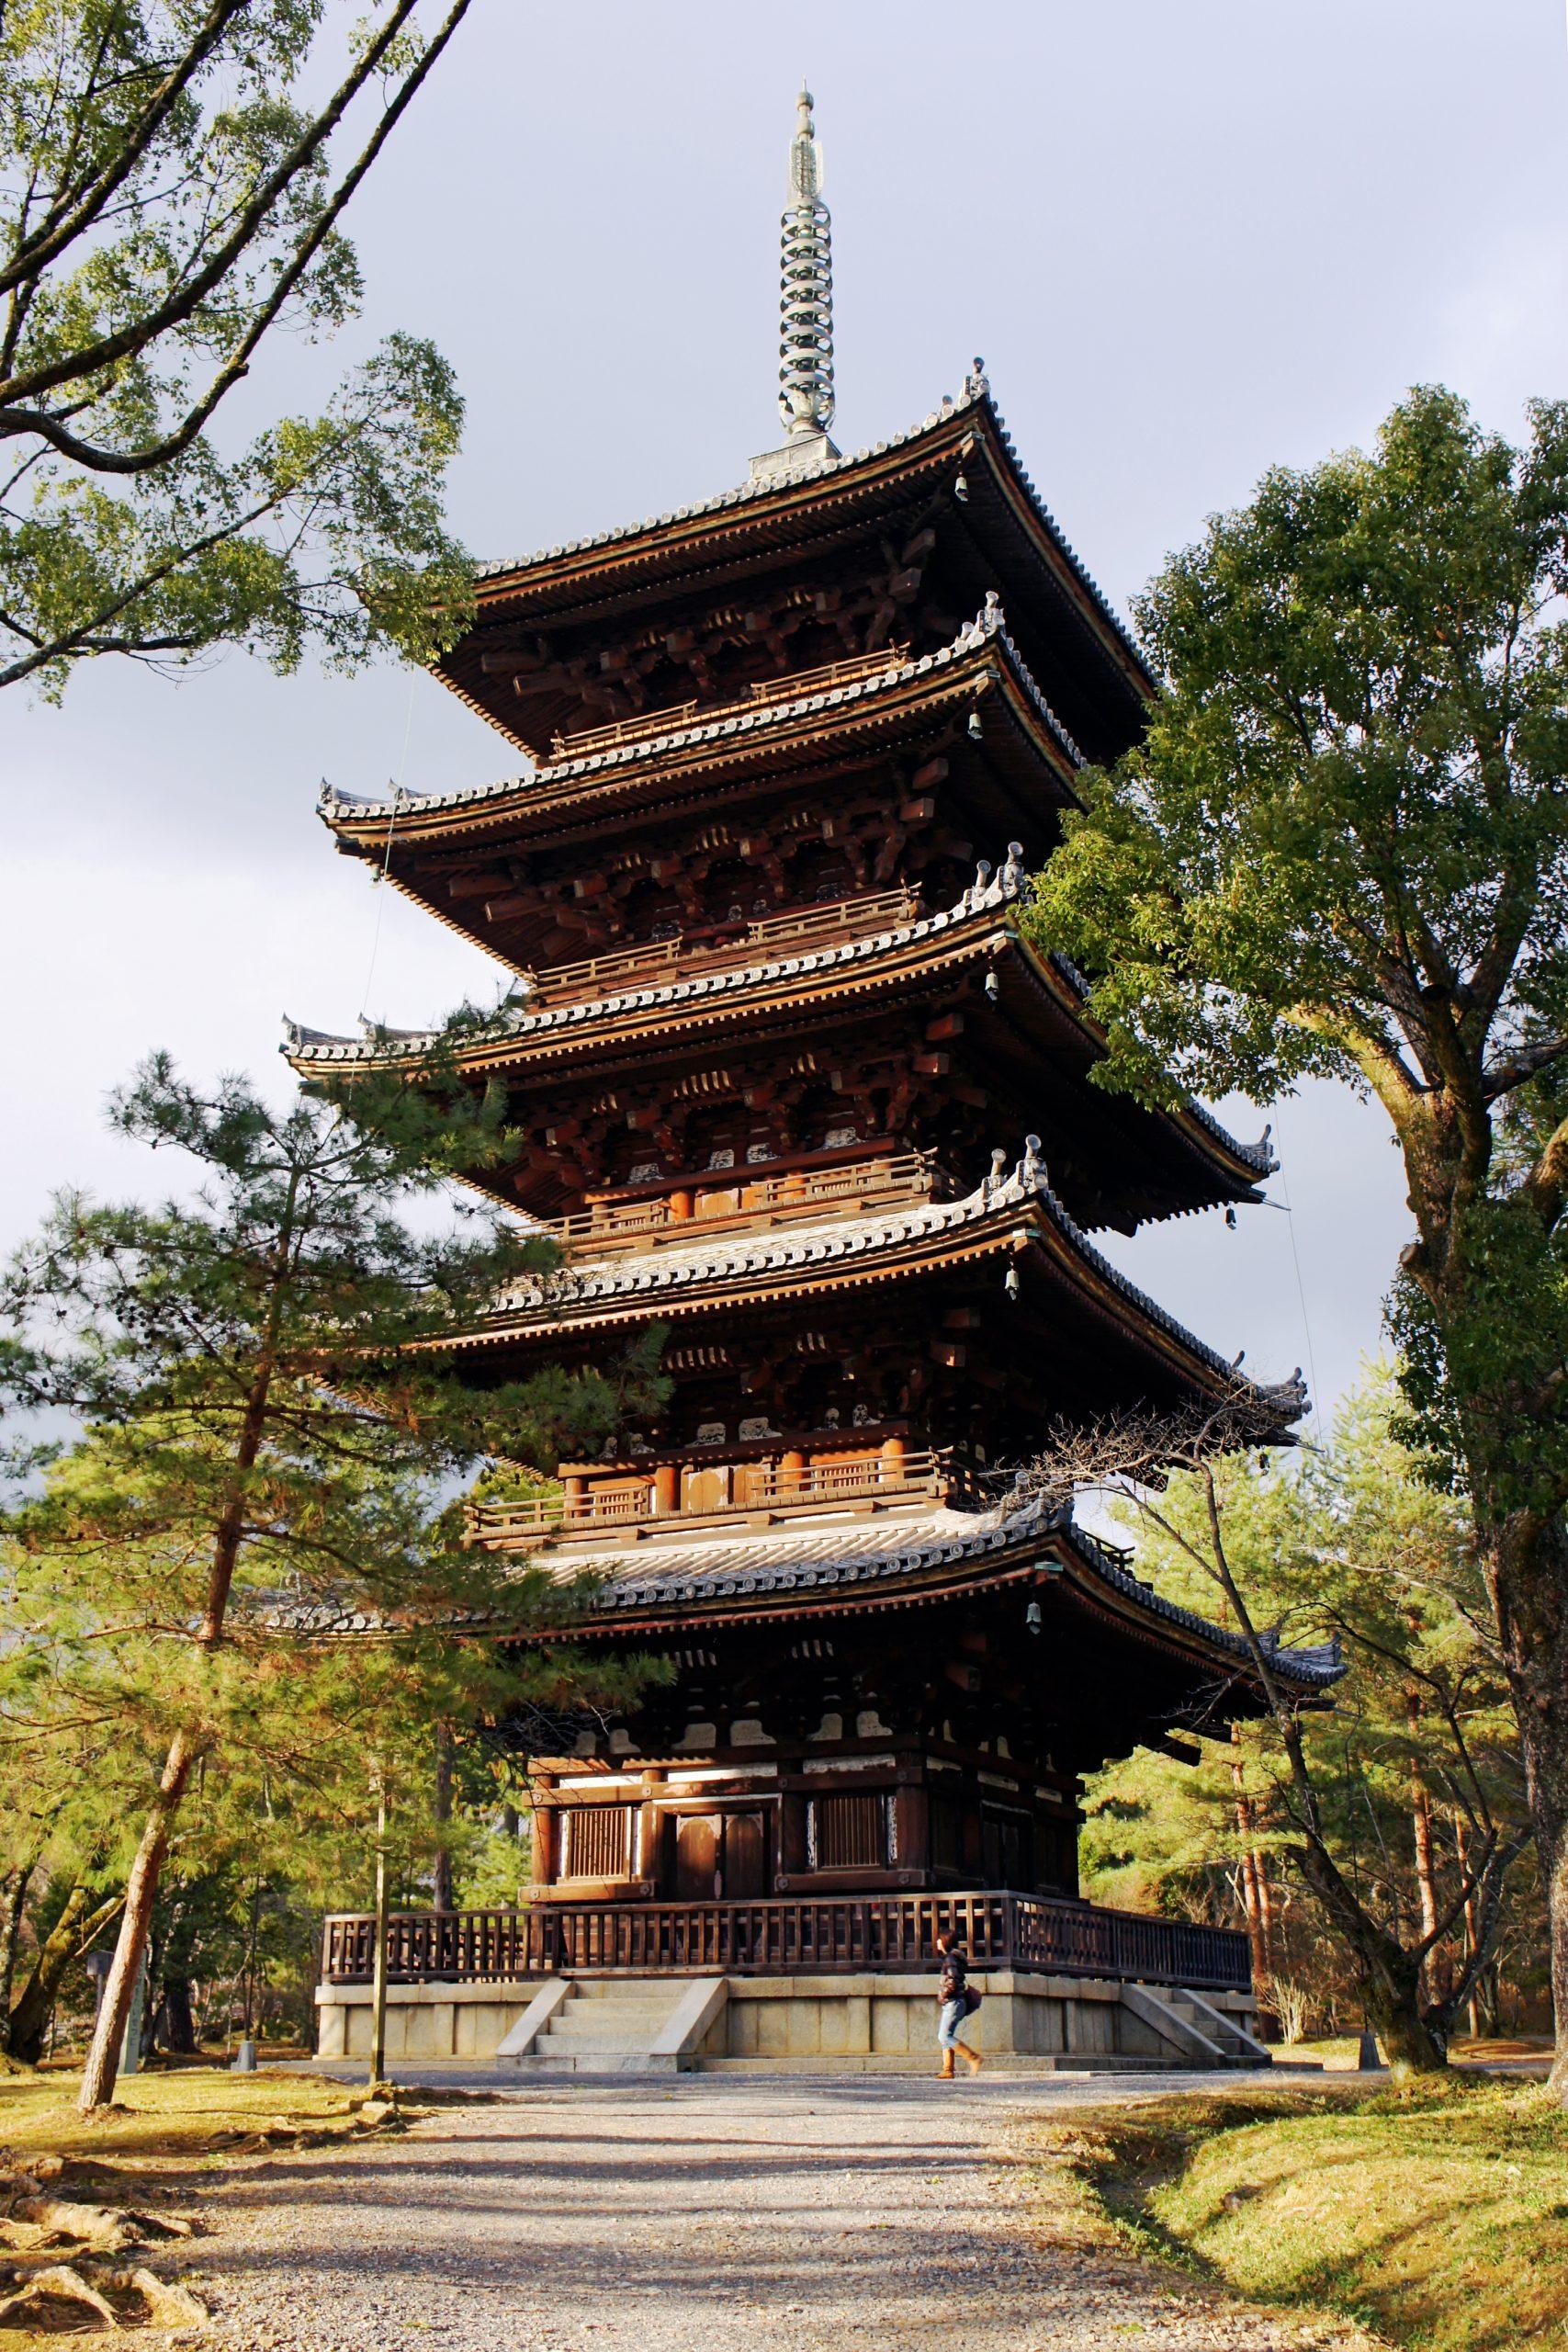 Wisata ke Pagoda Ninnaji Kyoto